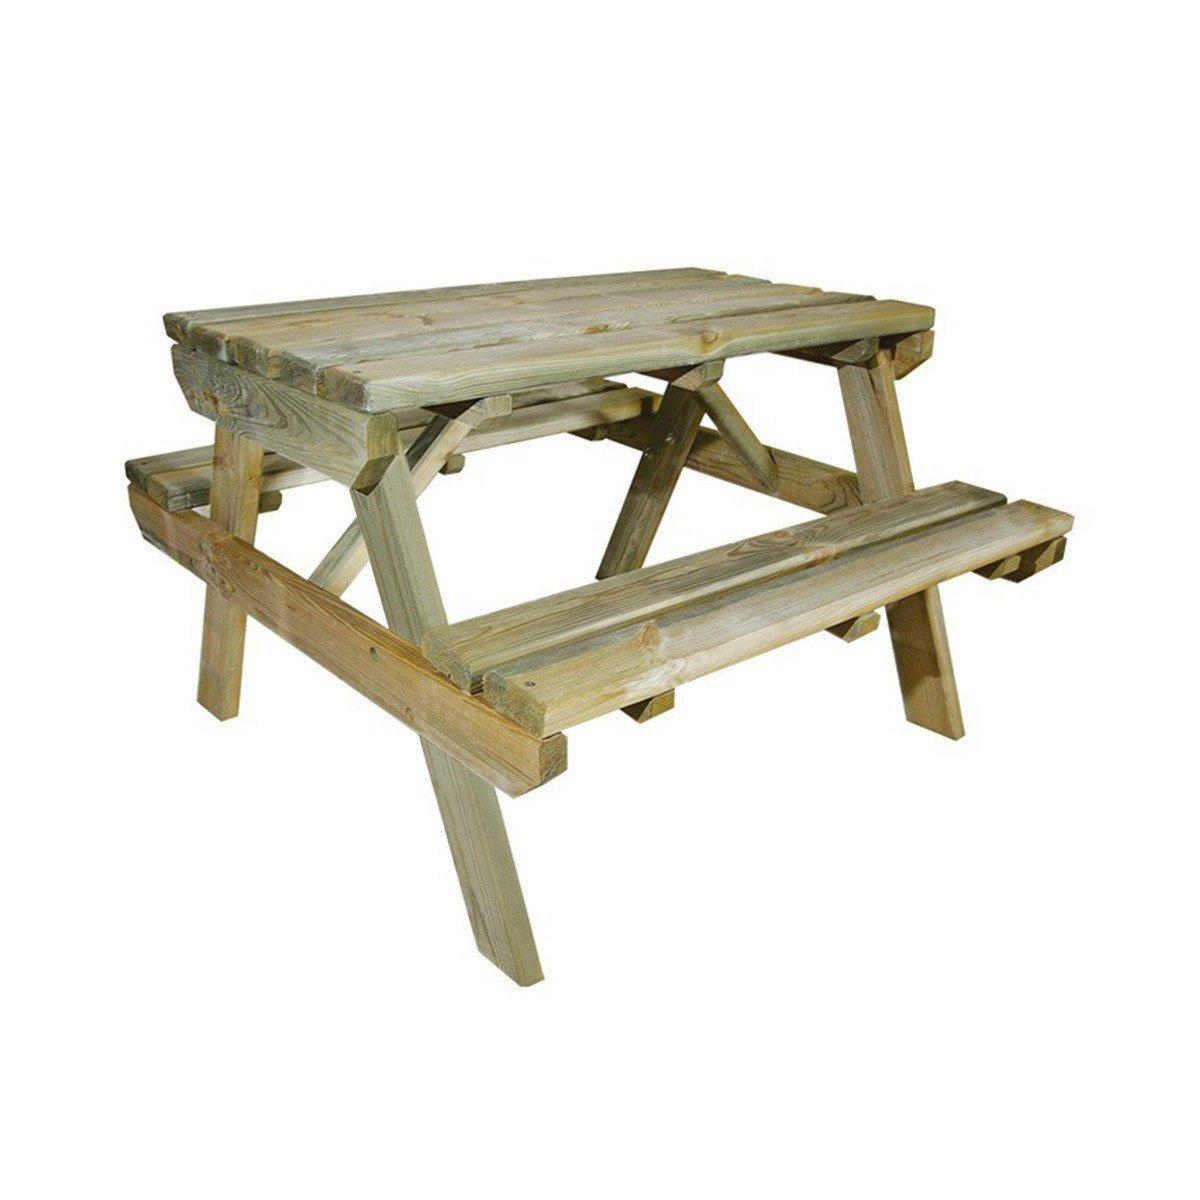 Table De Pique-Nique En Bois Chinchilla Pour Enfant 4 Places ... destiné Table Jardin Bois Enfant